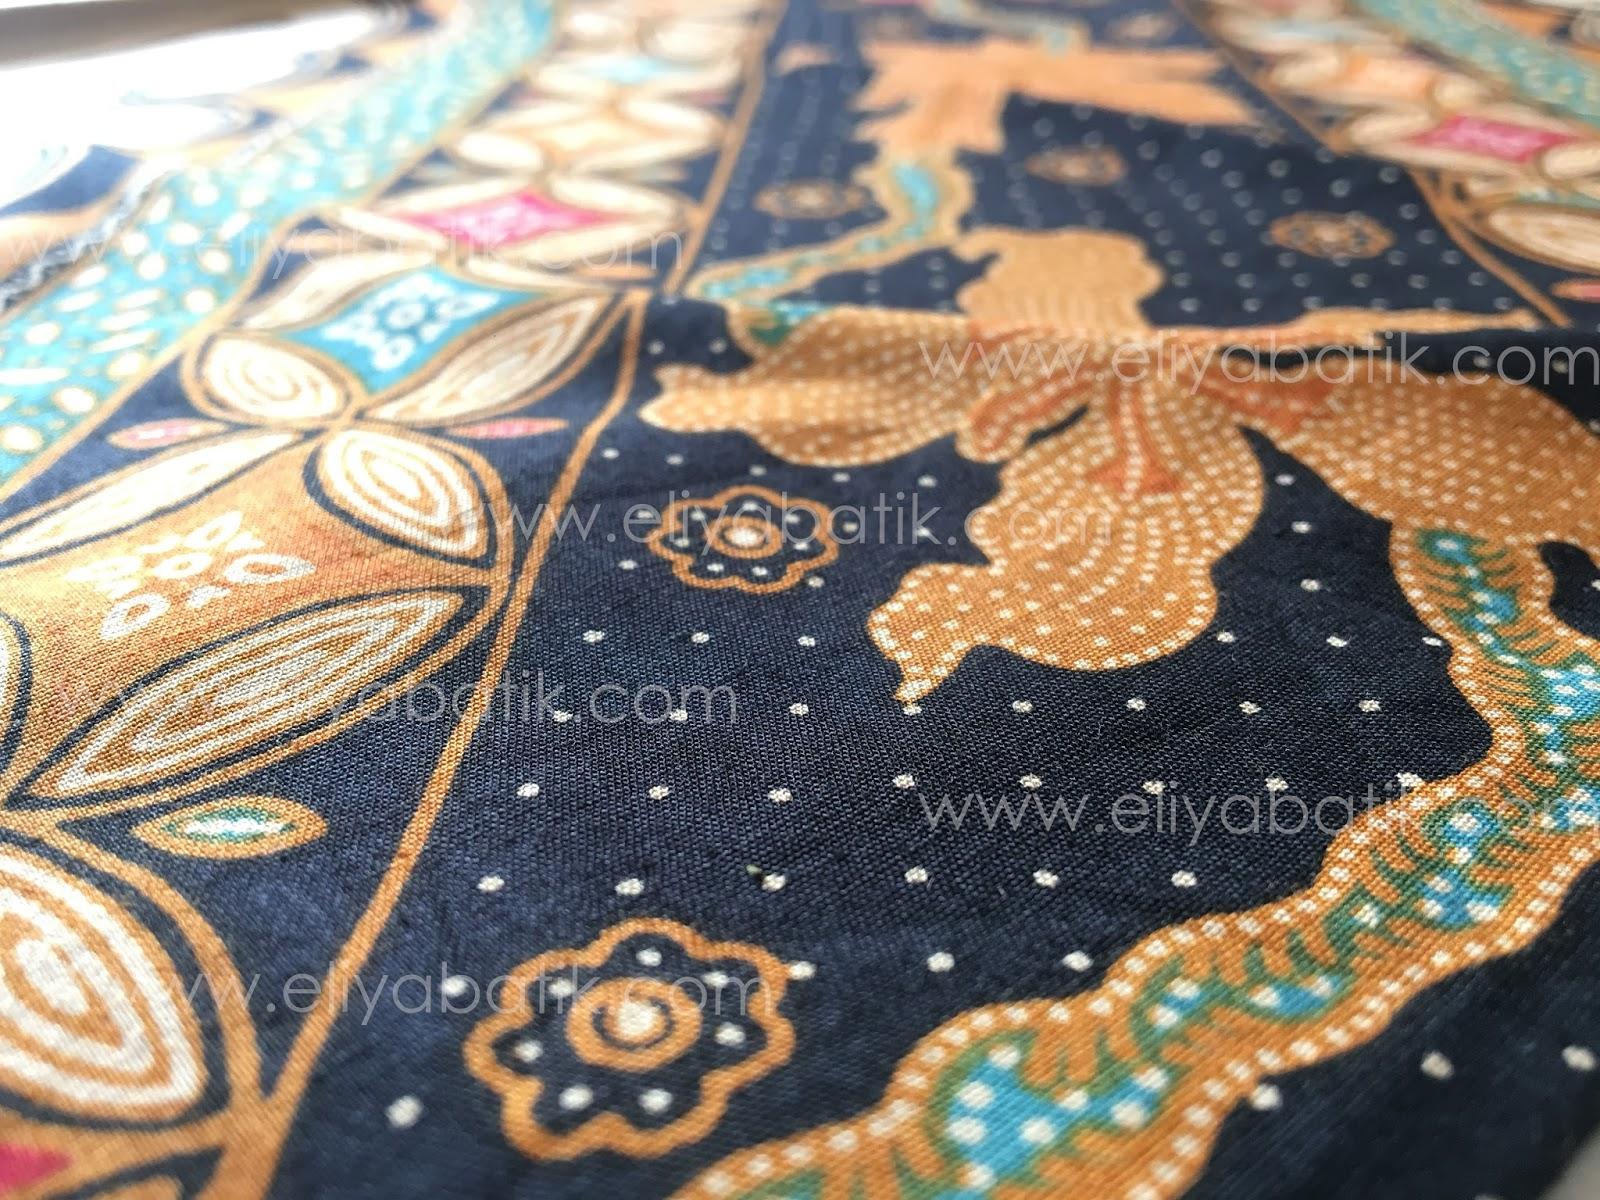 Jual Kain Batik Lawasan Dan Printing Modern Eceran Dan Grosir Dengan